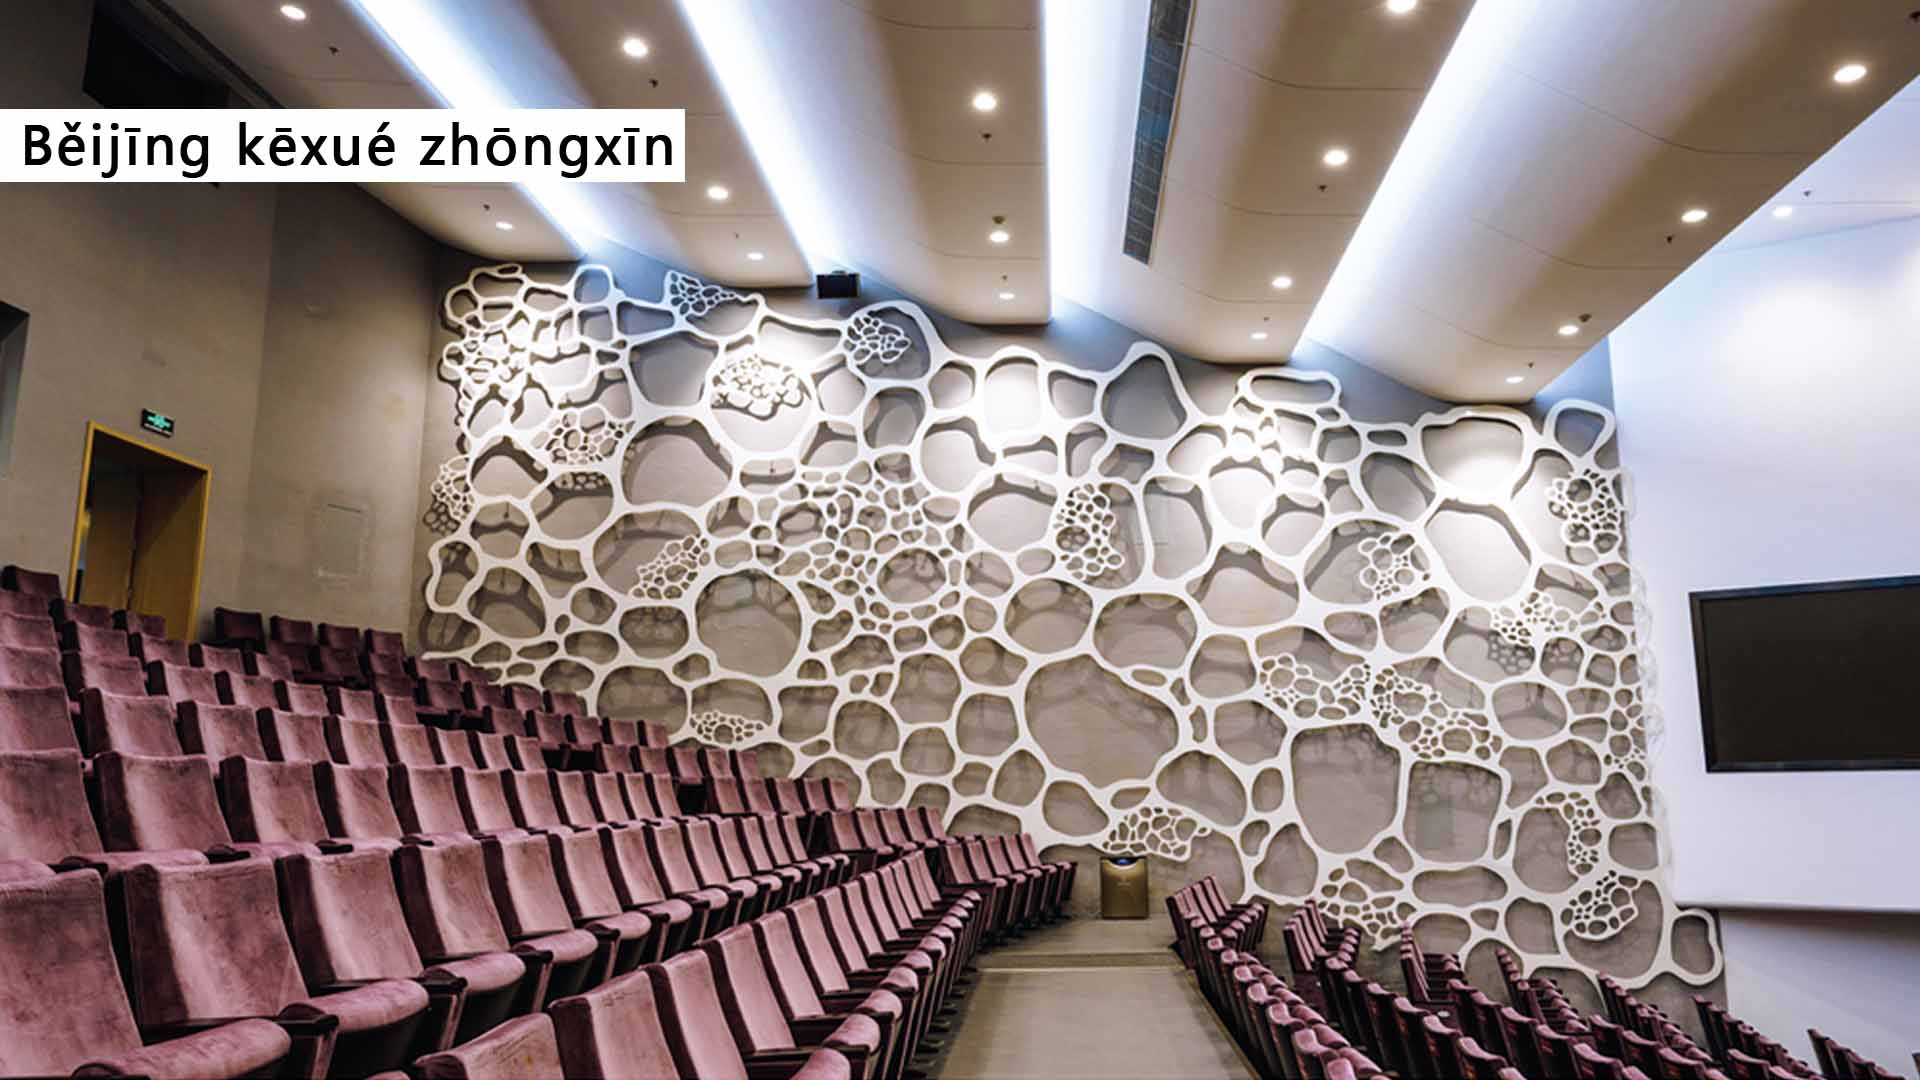 Beijing Science Center.